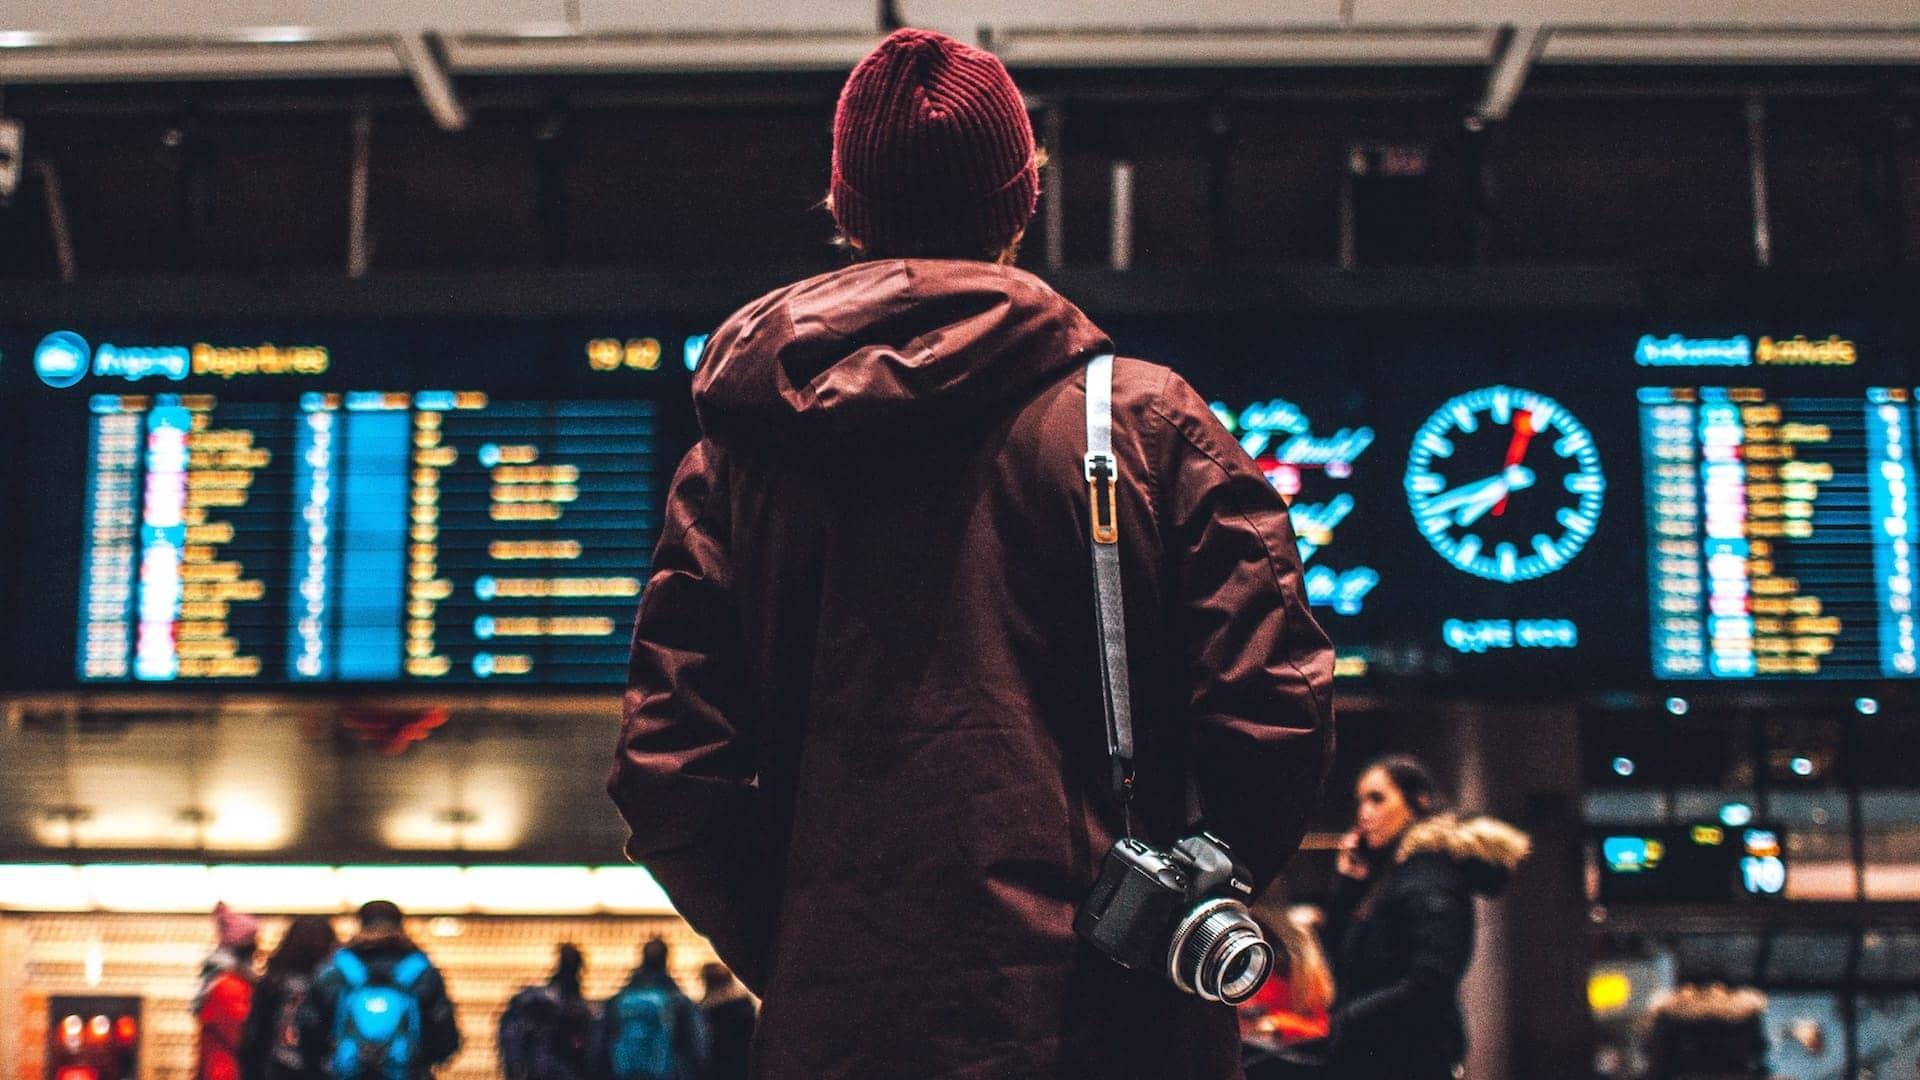 Hãy bắt đầu thử trải nghiệm một chuyến du lịch một mình